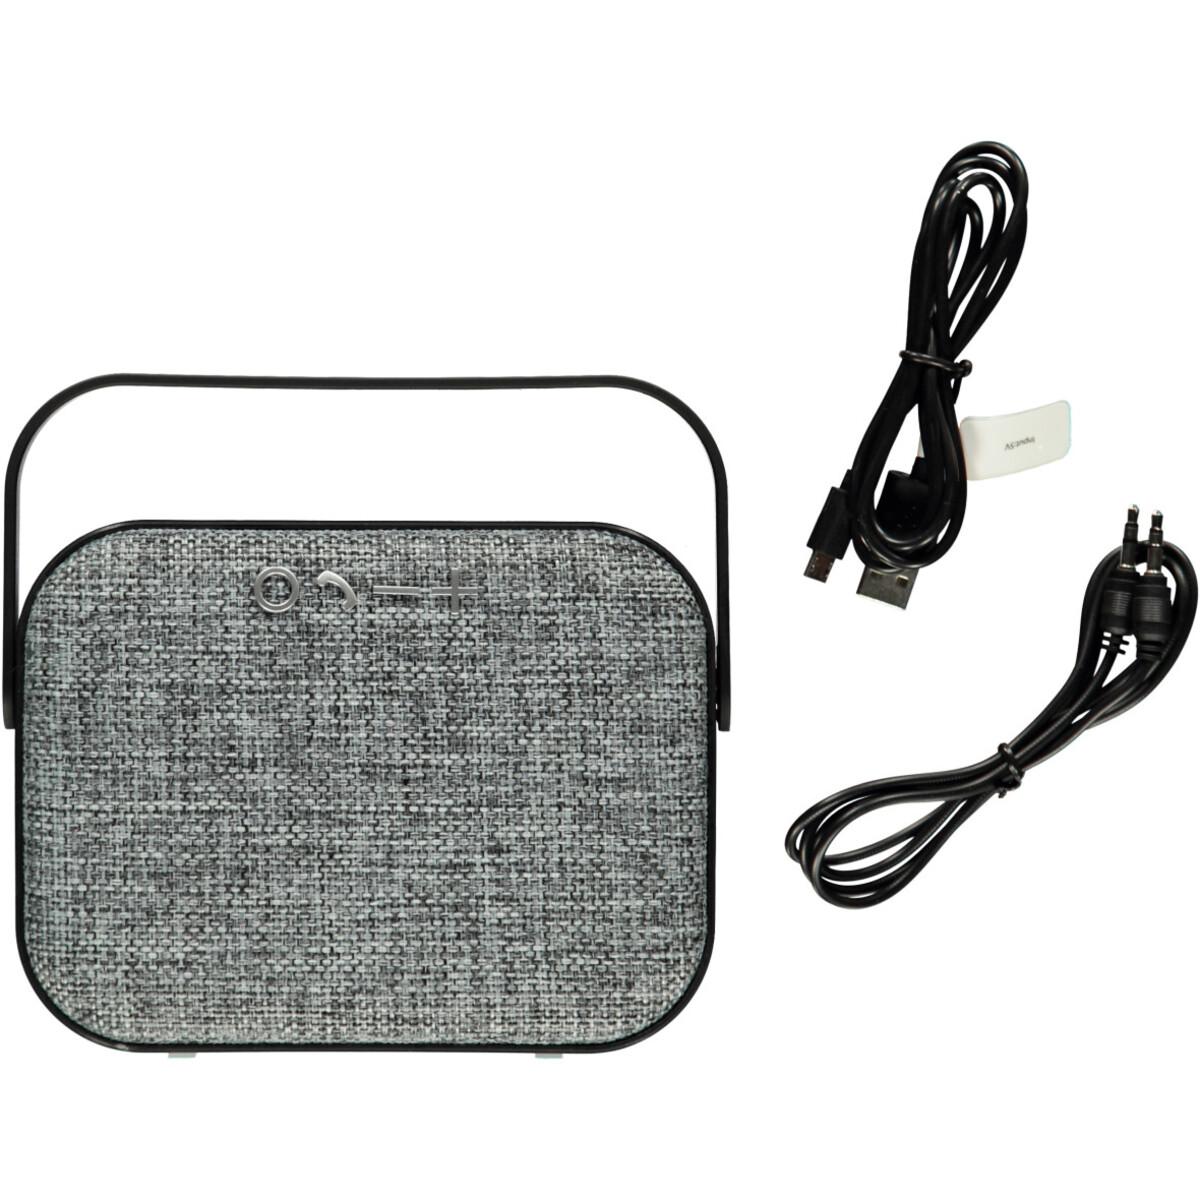 Bild 1 von Bluetooth Lautsprecher mit USB-Anschluss